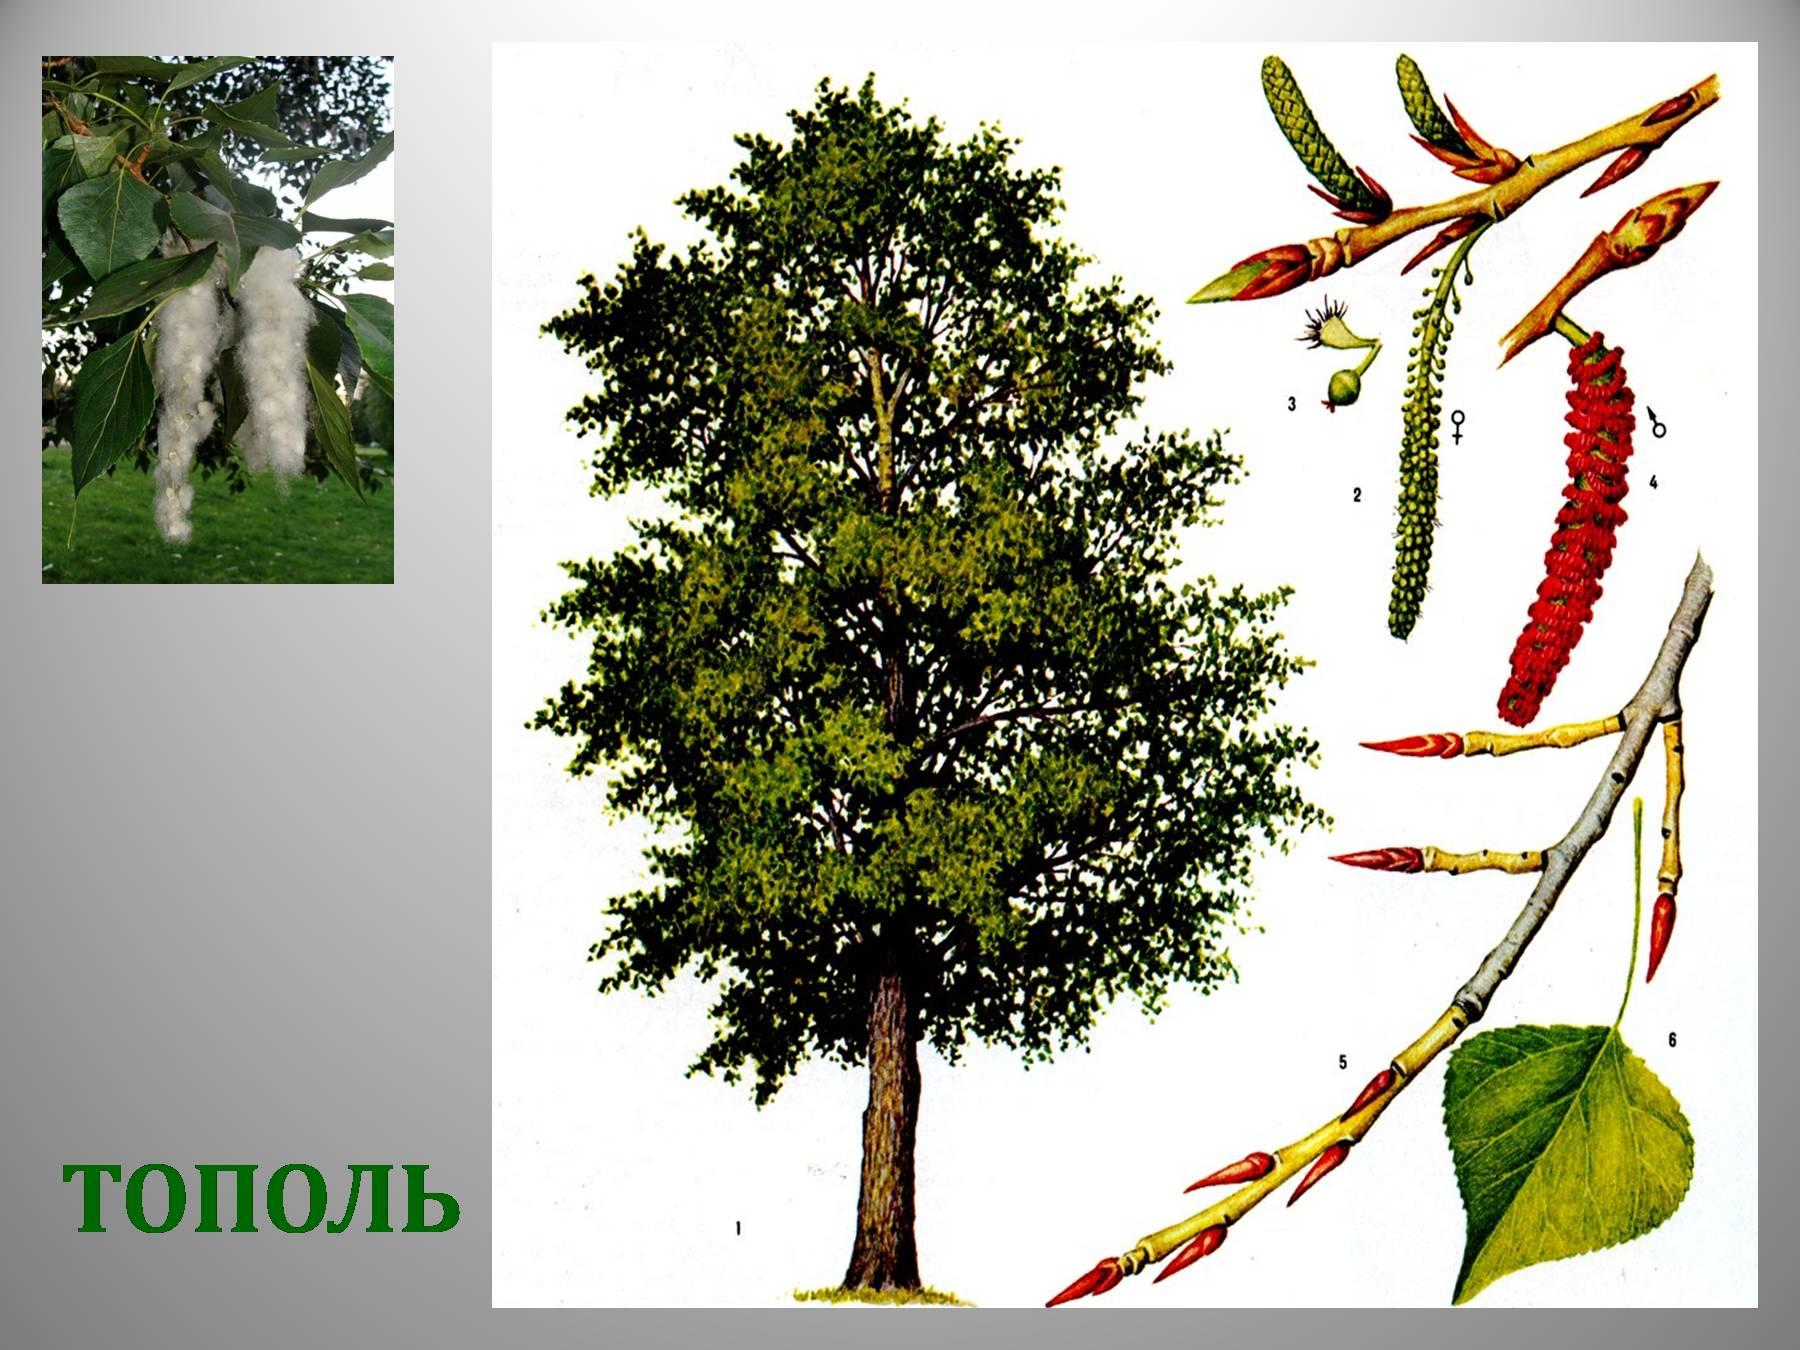 узнать тополь дерево картинка для ближайшее время певица